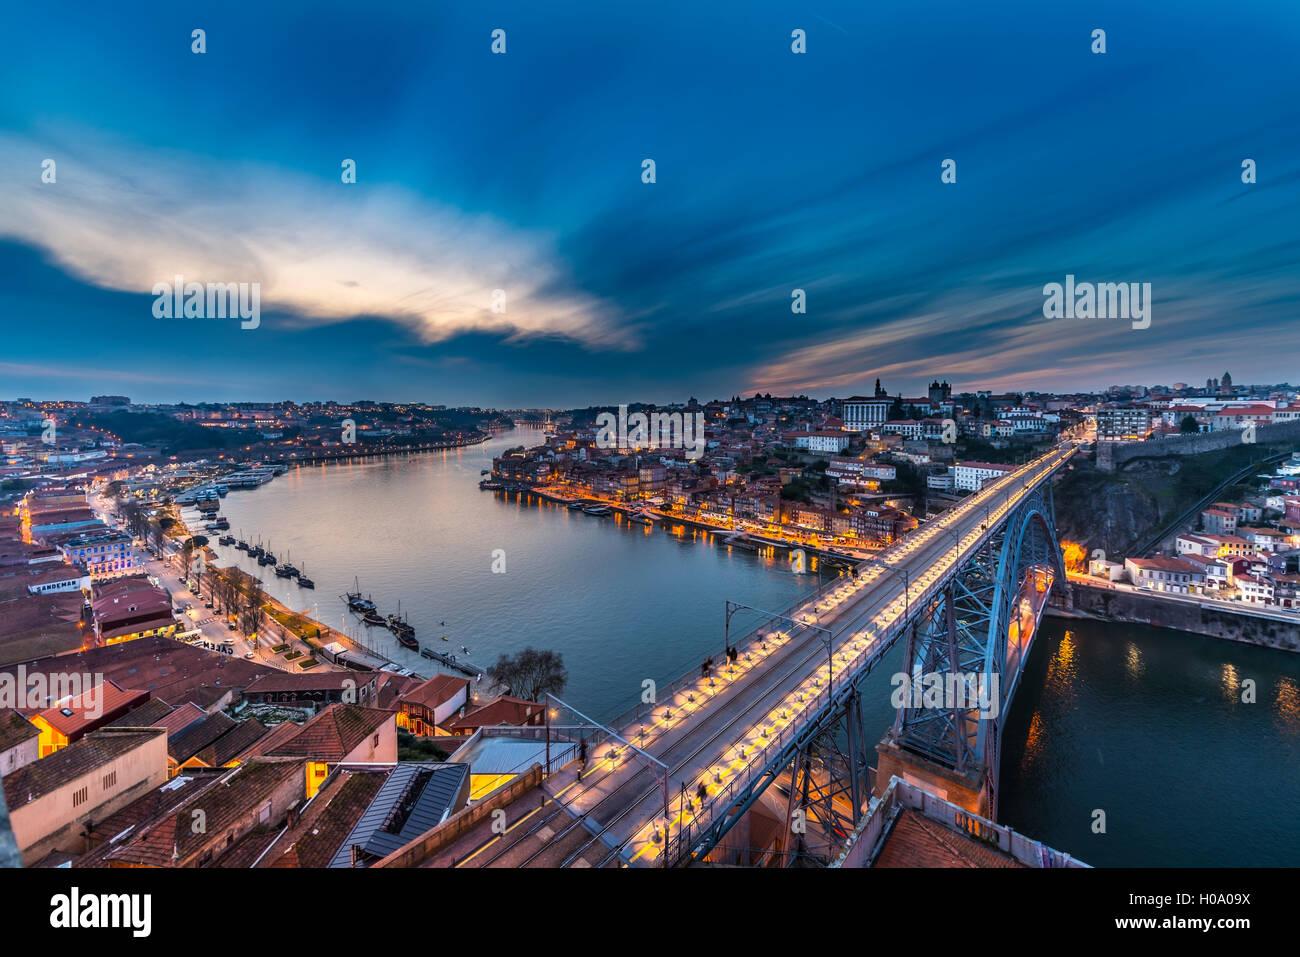 Vista sul Porto con Ponte Dom Luís I Bridge sul fiume Douro, crepuscolo, Porto, Portogallo Immagini Stock